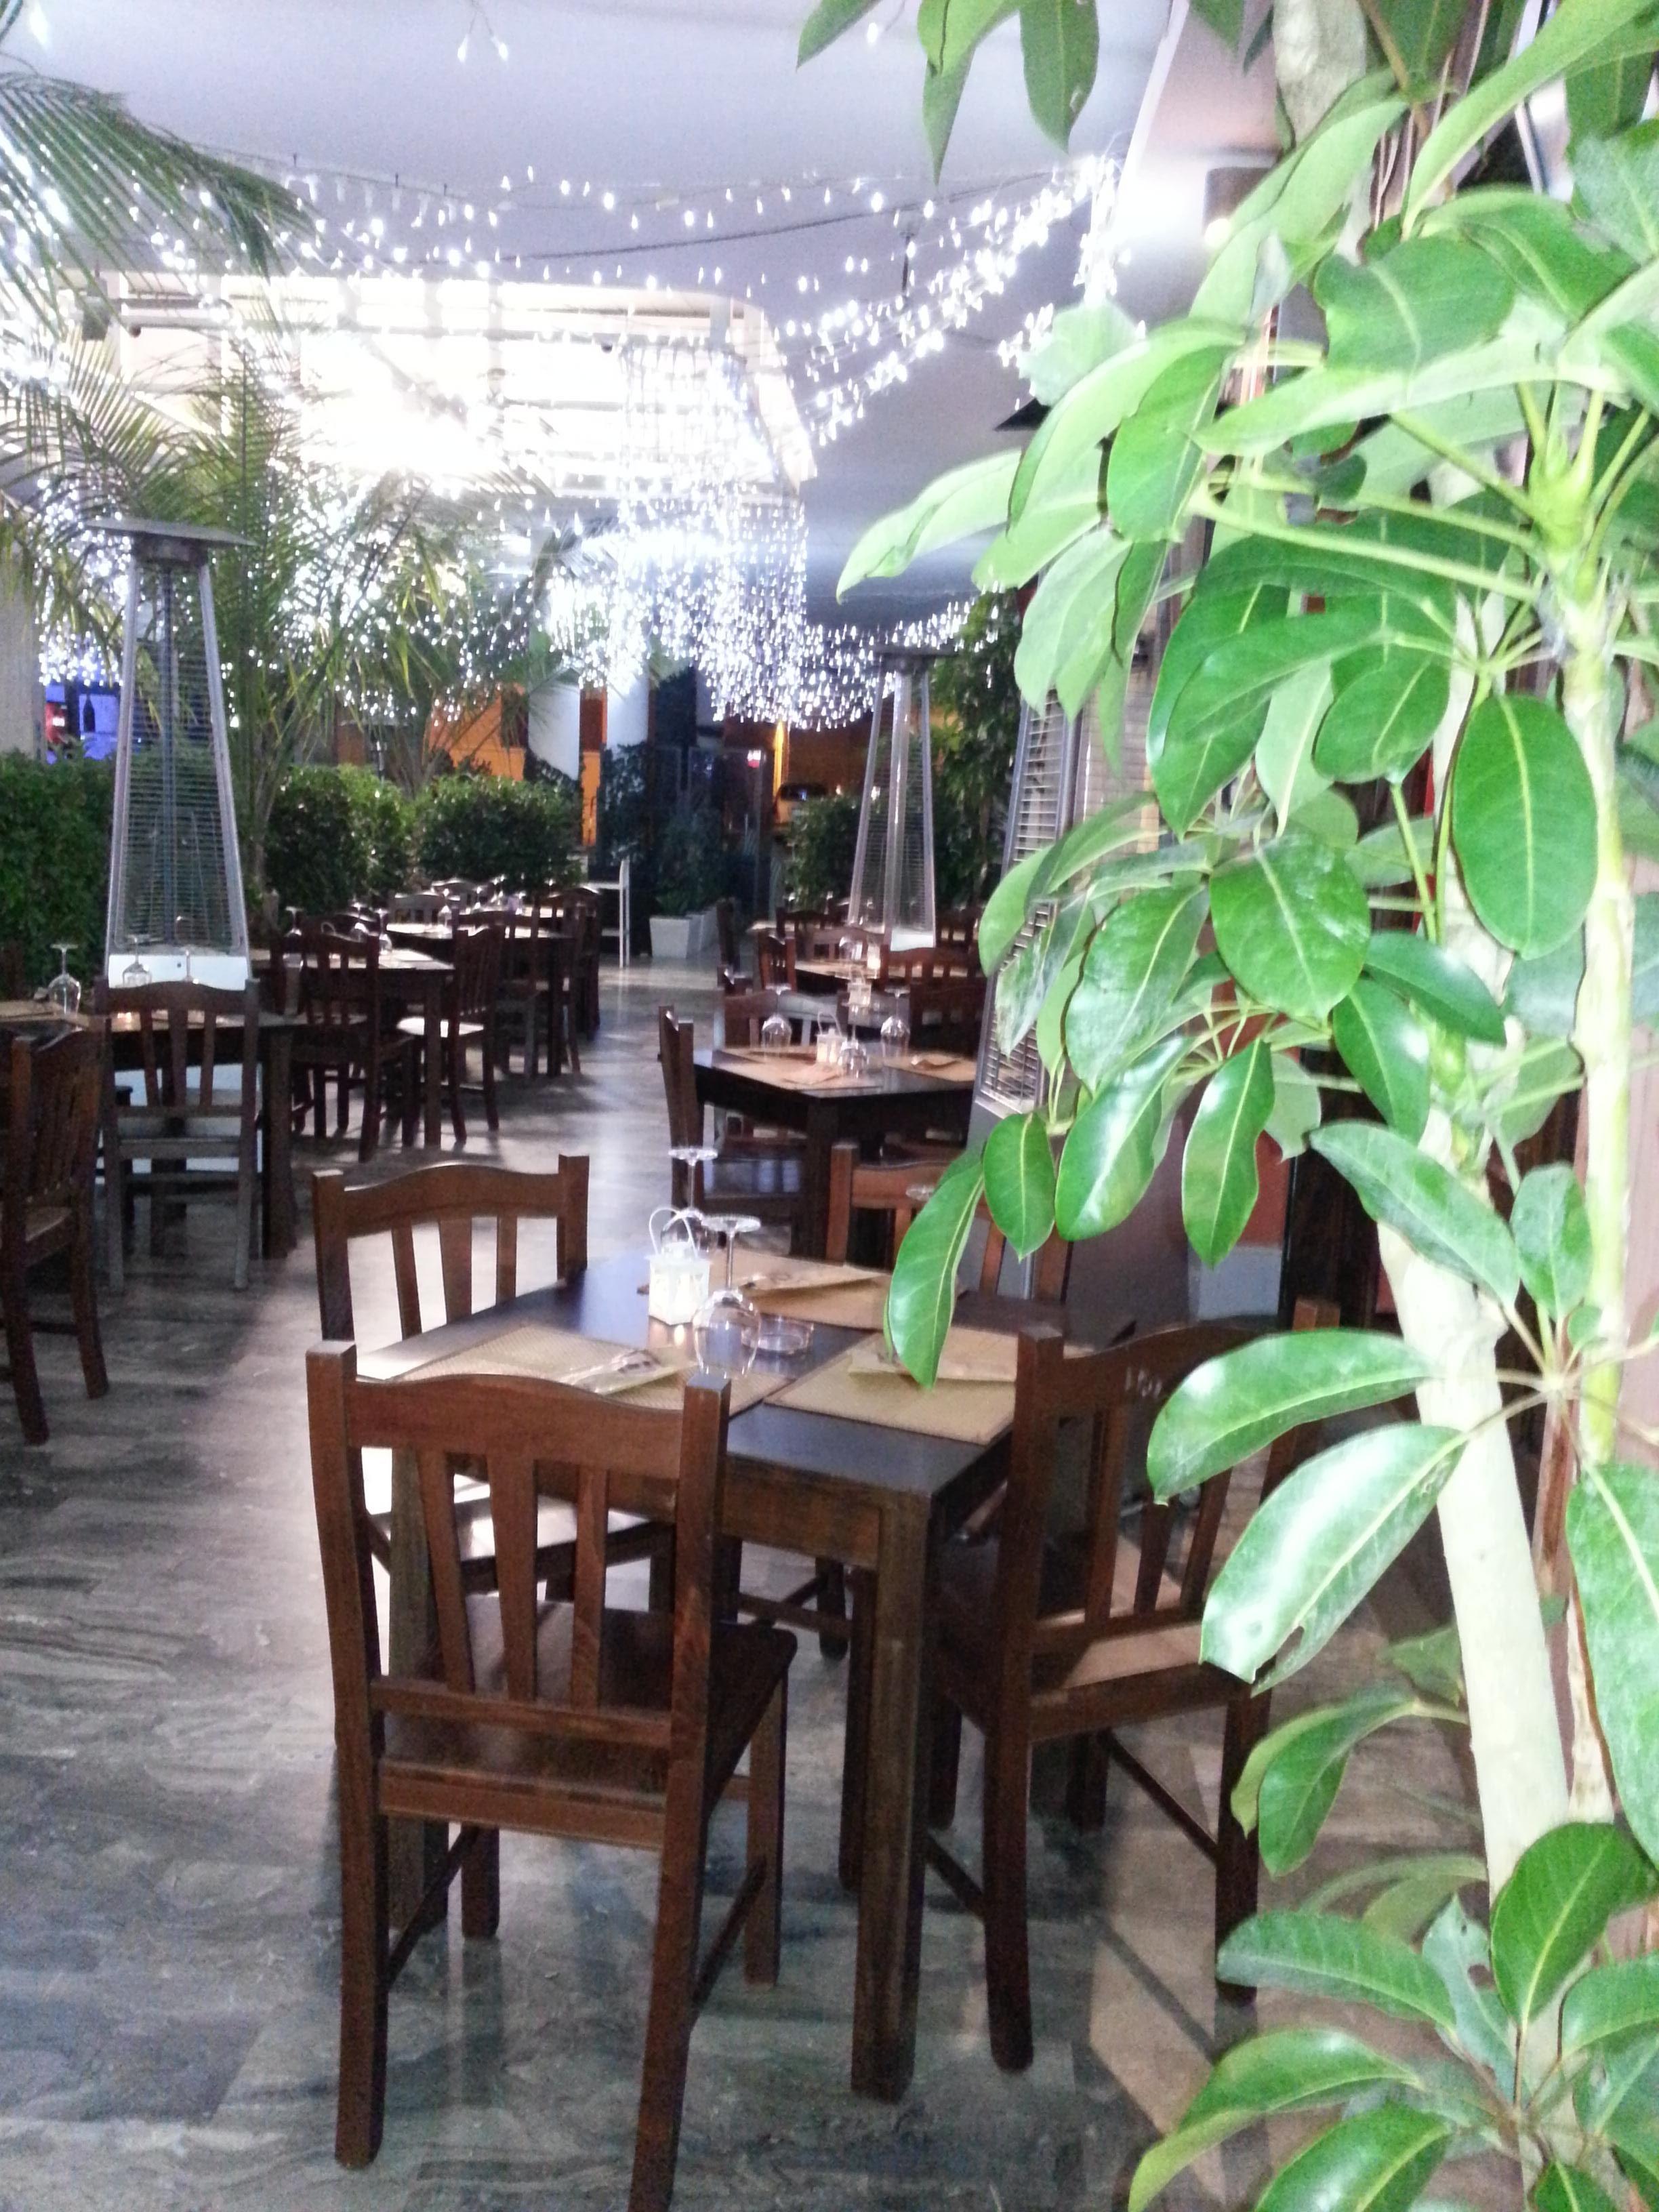 """www.mobilificiomaieron.it - https://www.facebook.com/pages/Arredamenti-Pub-Pizzerie-Ristoranti-Maieron/263620513820232 - 0433775330 Arredamento pizzeria ristorante """"Mabensì"""" a Gallipoli (lecce). Tavoli in legno massello per ristorante cod 806/80/65 color noce. #arredamentopub #arredamentopizzeria arredamentoristorante #sedietavoli #tavoliesedie #sedieristorante #tavoliristorante"""